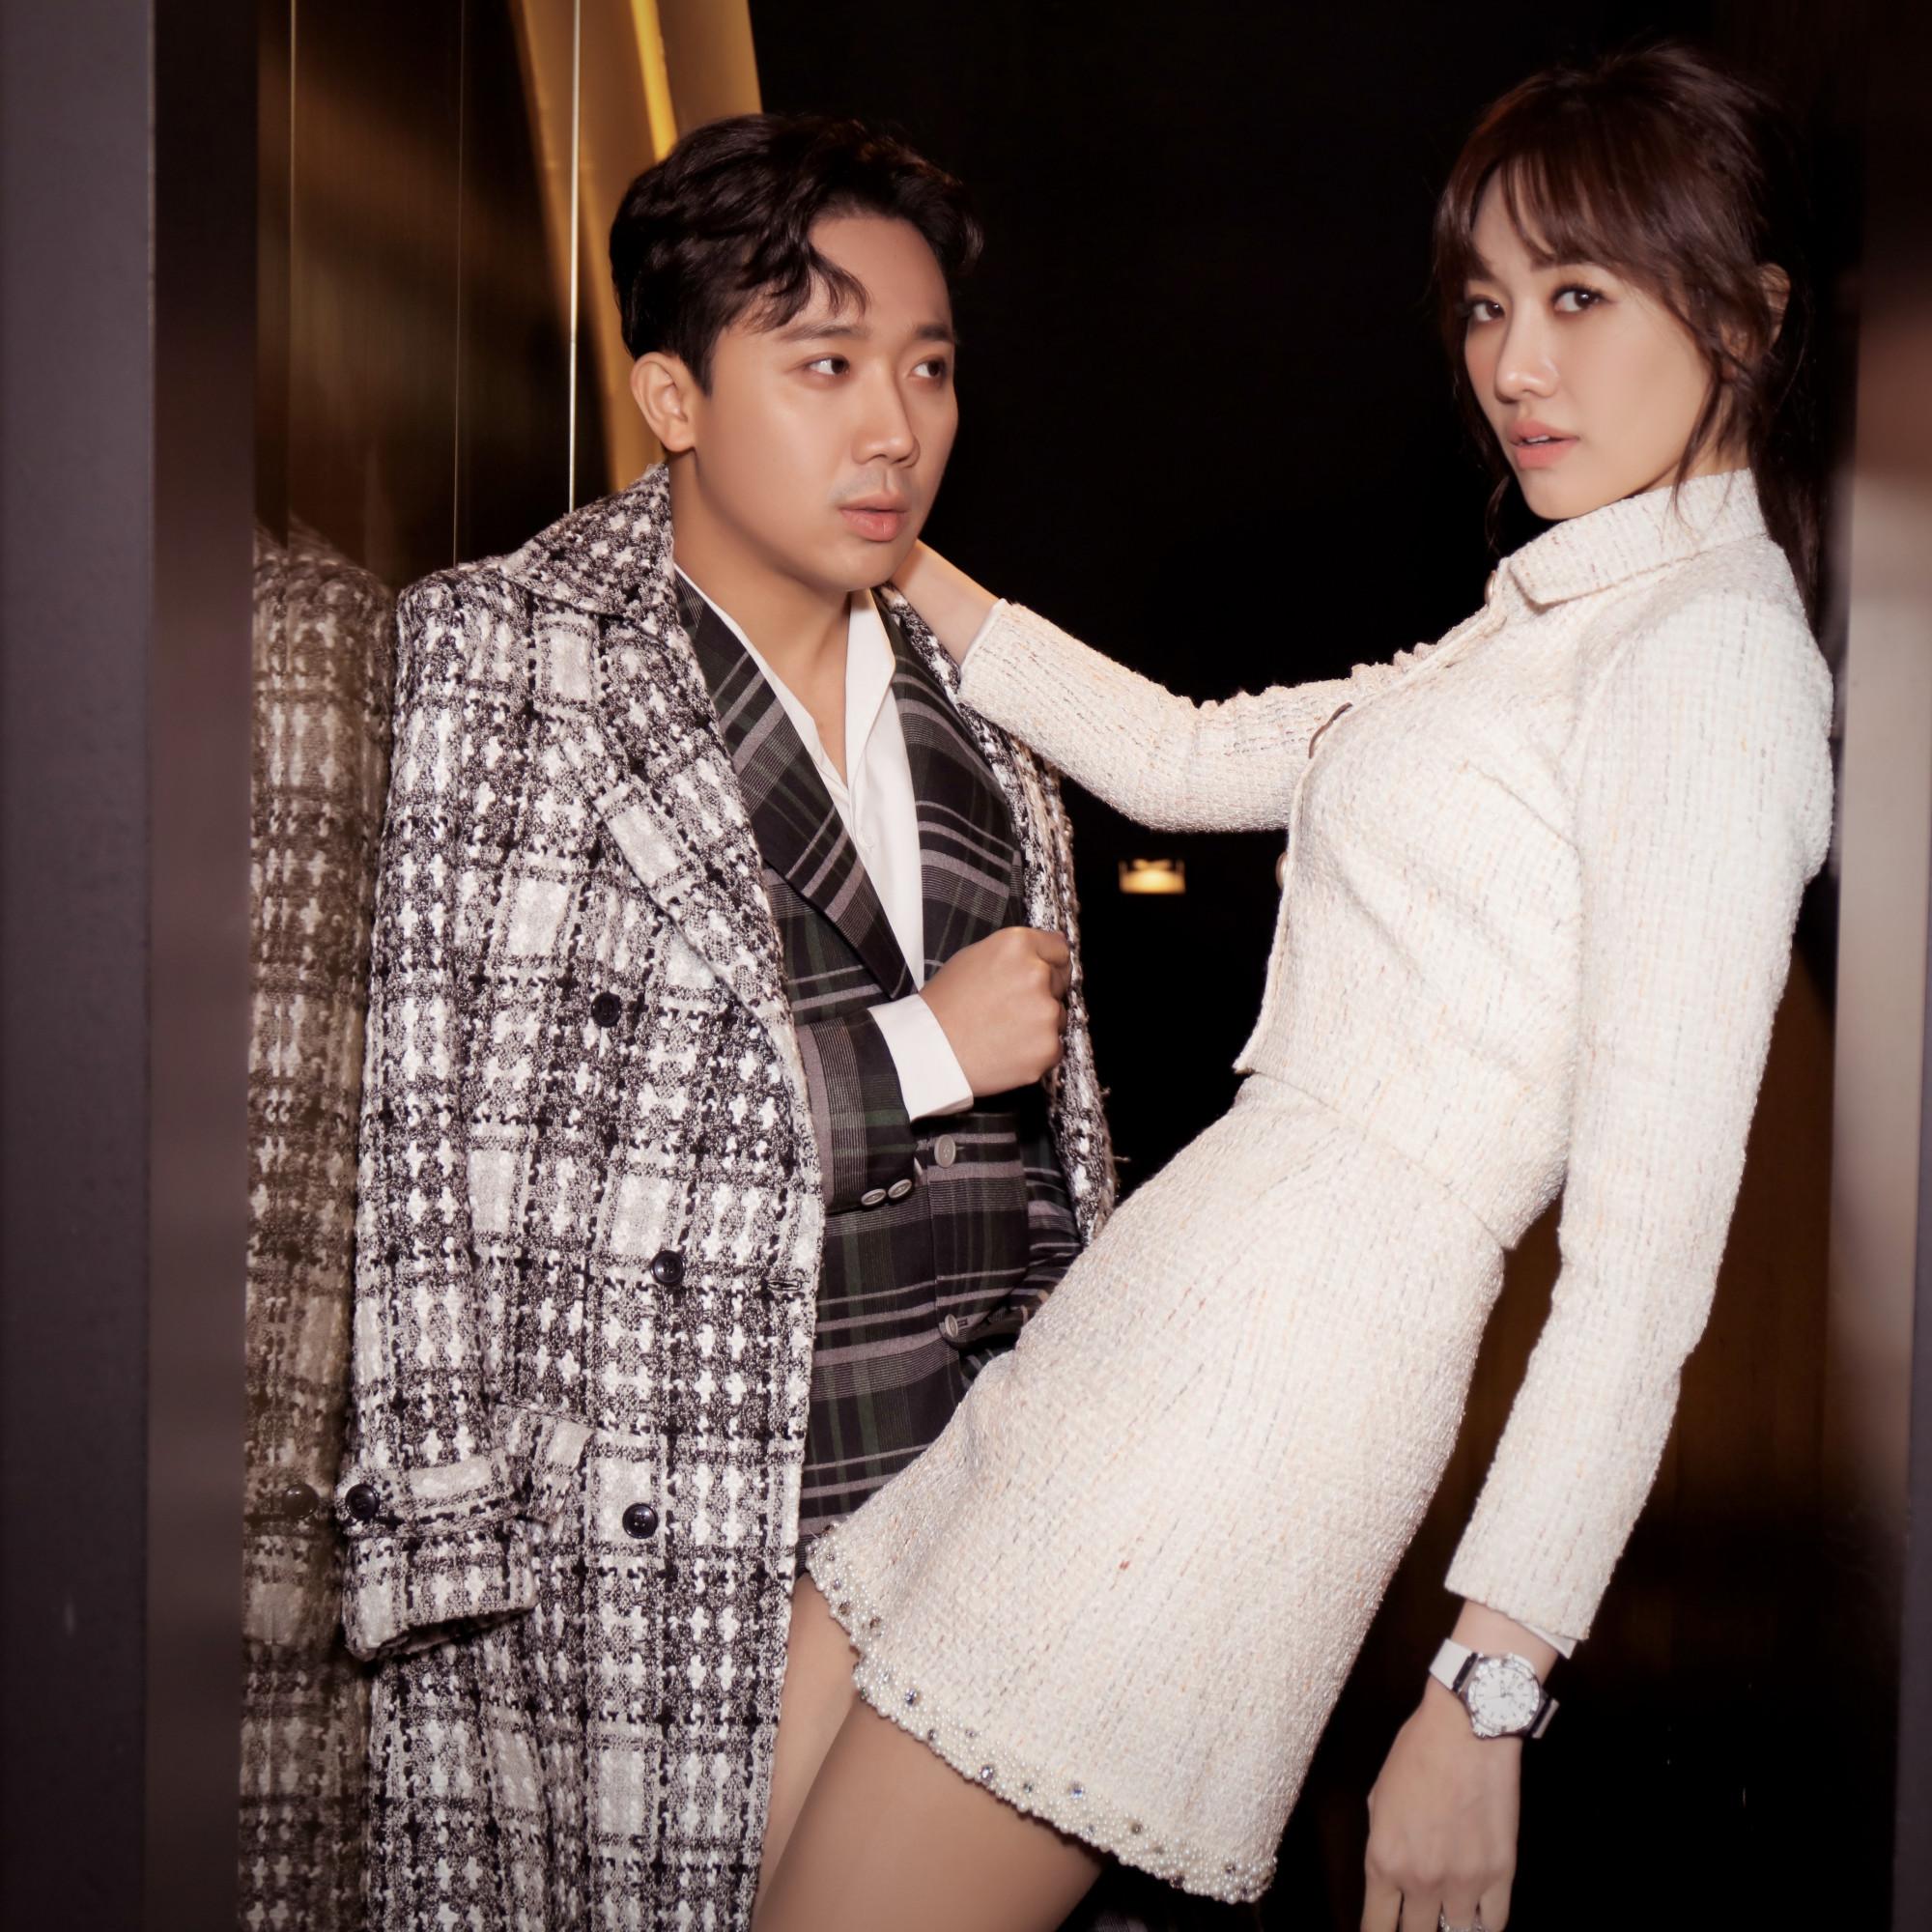 Nhìn lại năm 2019, đặc biệt là thành công của dự án web drama Bố già gần đây  giúp Trấn Thành và Hari Won cảm thấy tự hào, mãn nguyện với những gì đã làm được và không quên hy vọng khán giả sẽ luôn yêu thương, ủng hộ cả hai trong thời gian tới.